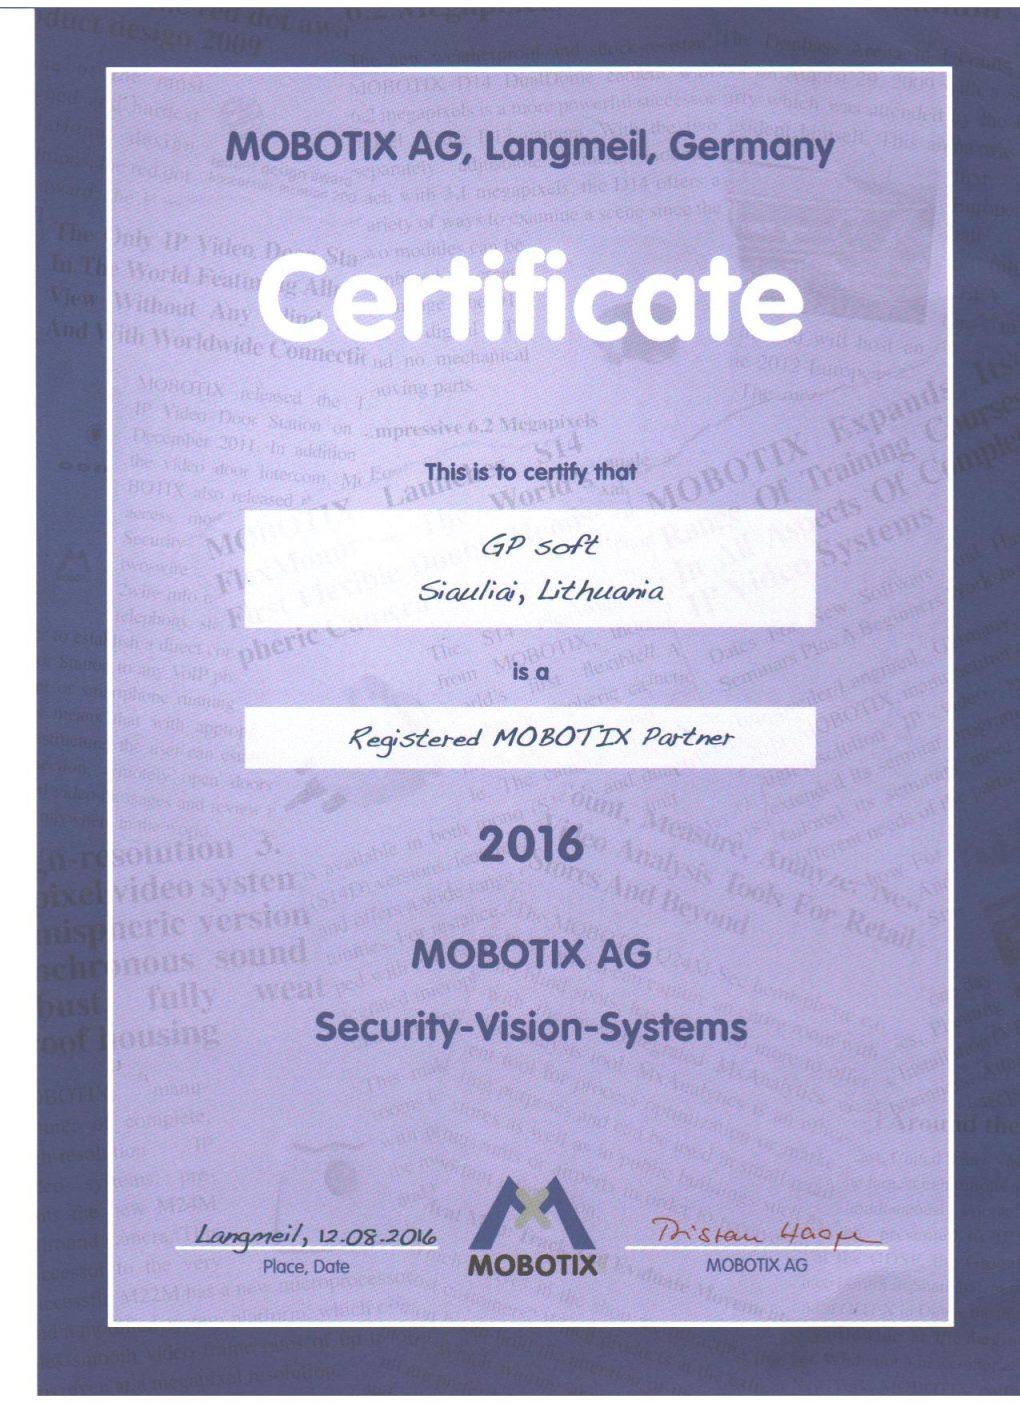 Mobotix vaizdo stebėjimo įranga kameros gpsoft mobotix atstovai Lietuvoje